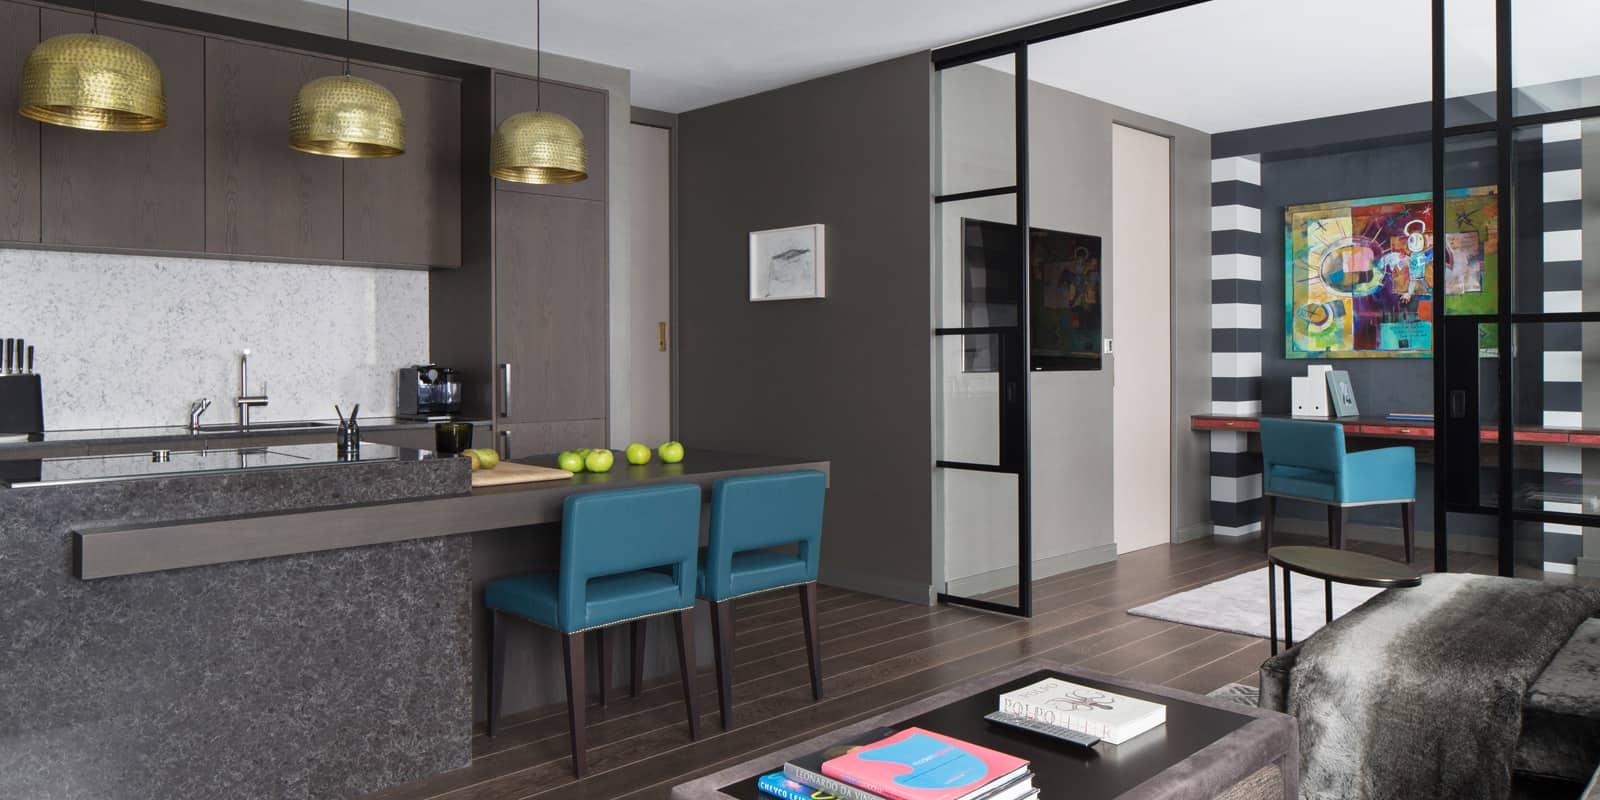 luxury interior design fitzrovia apartment roselind wilson design